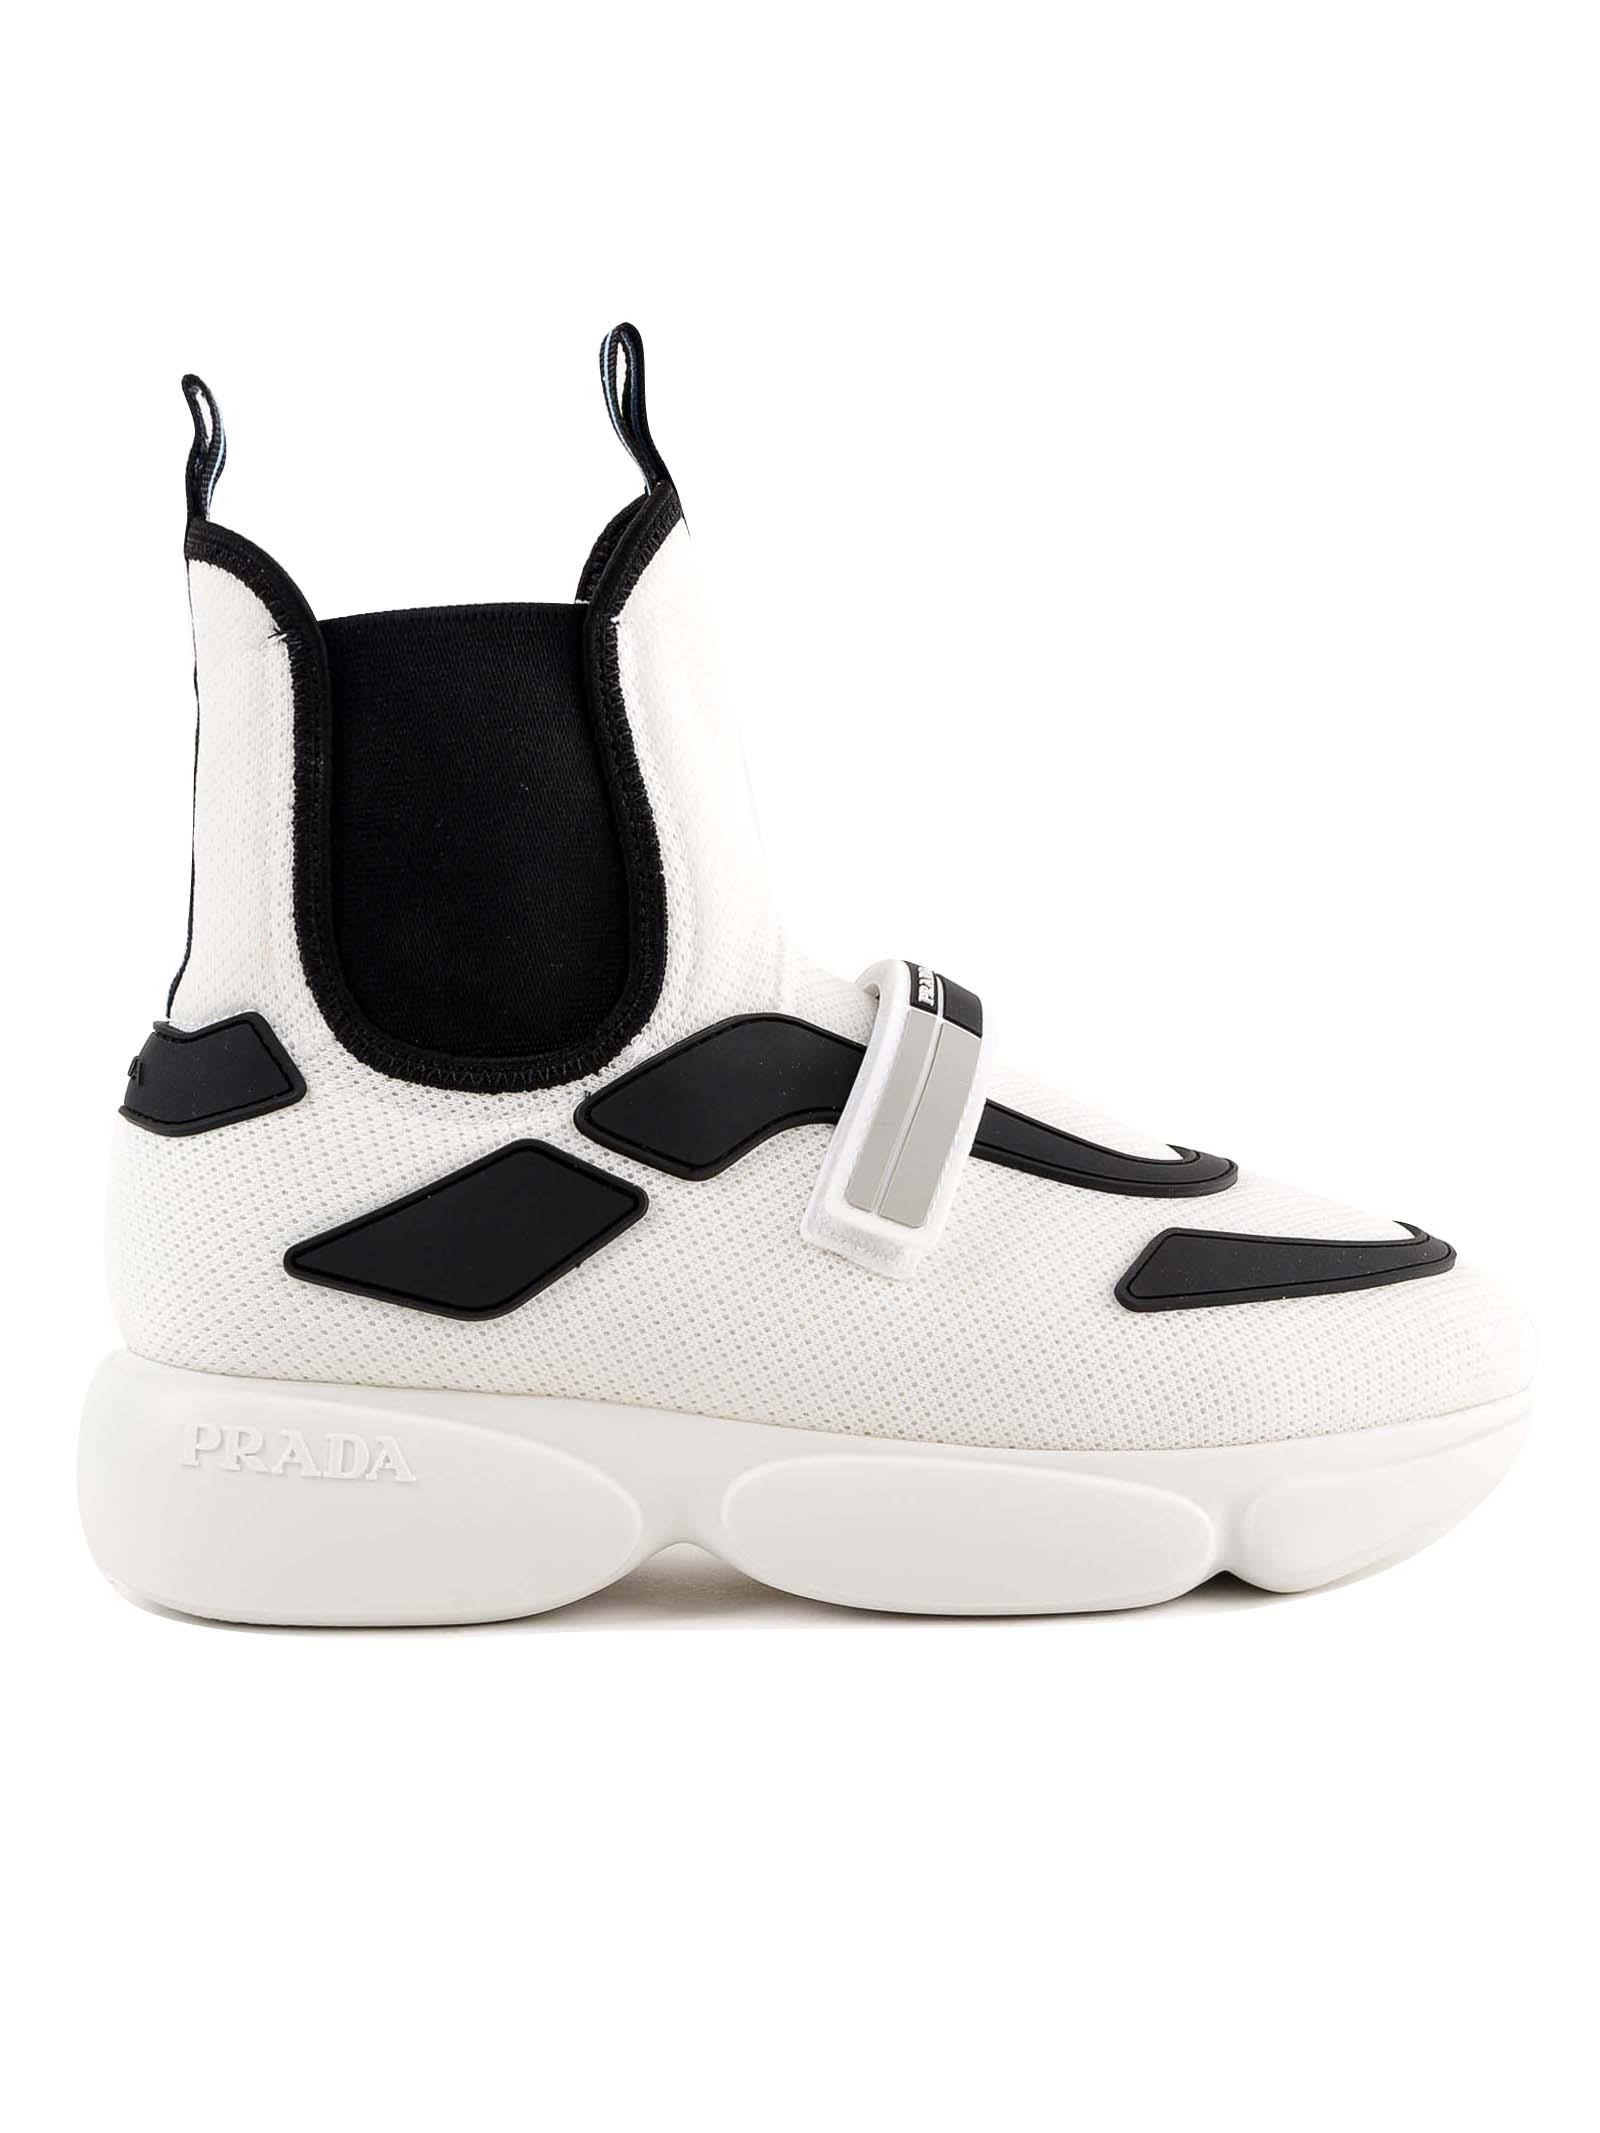 prada -  Cloudbust Sneakers